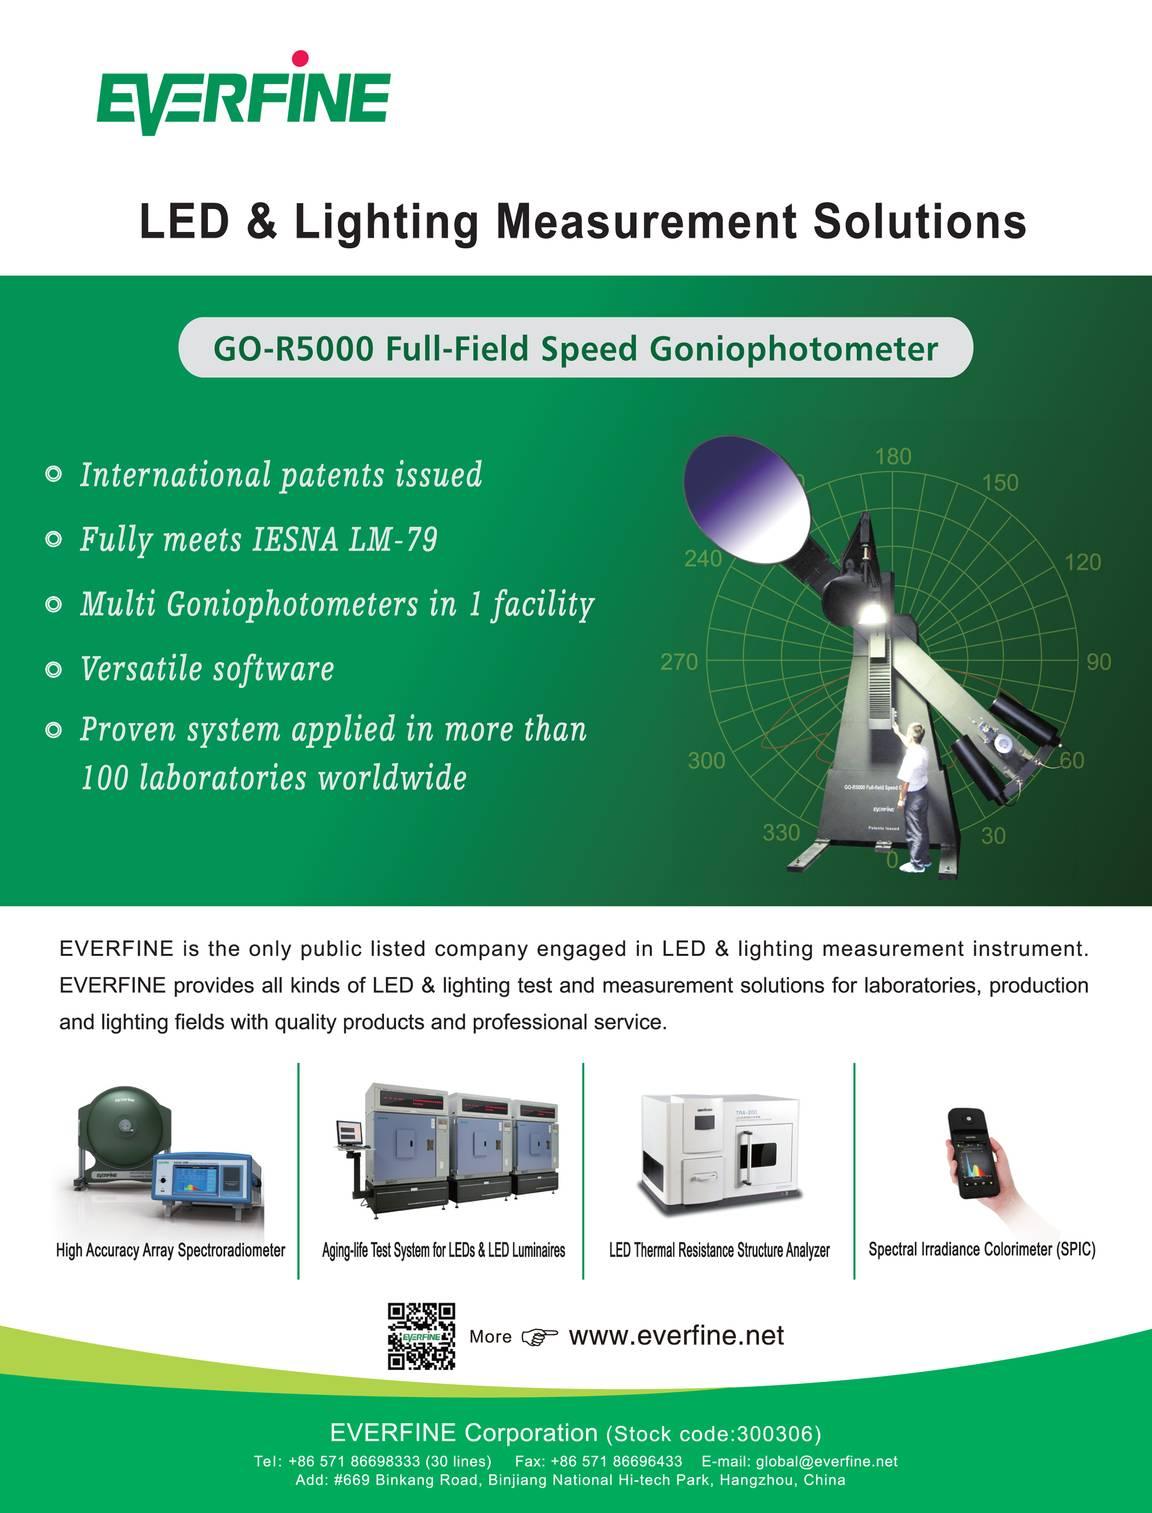 LEDs Magazine - February 2014 - page 28